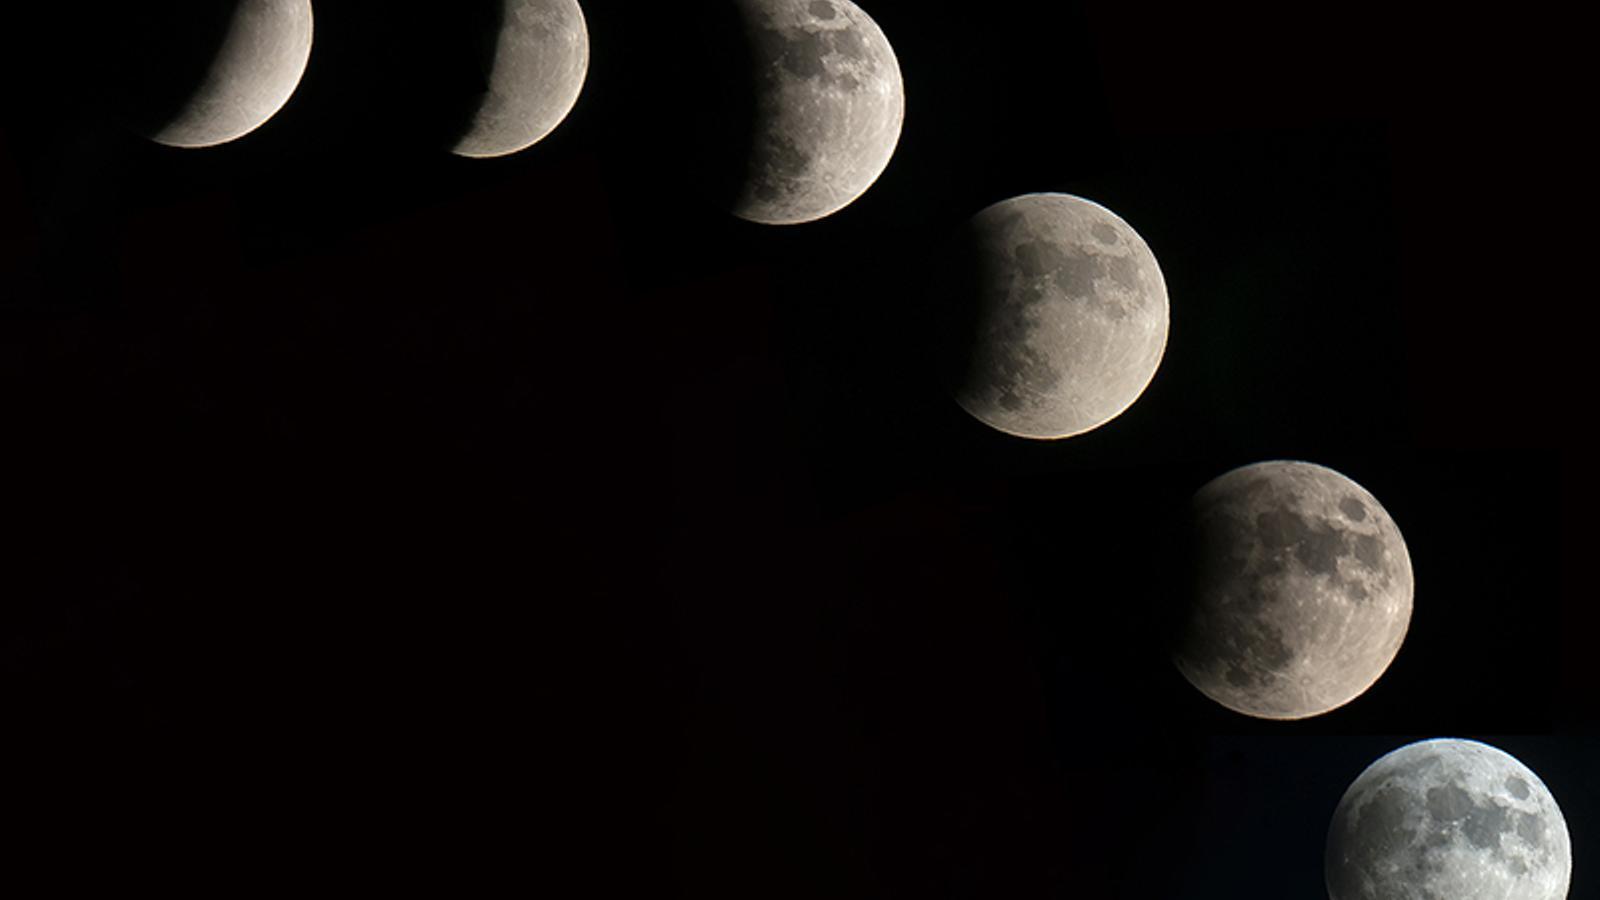 Les vostres fotos de l'eclipsi de lluna